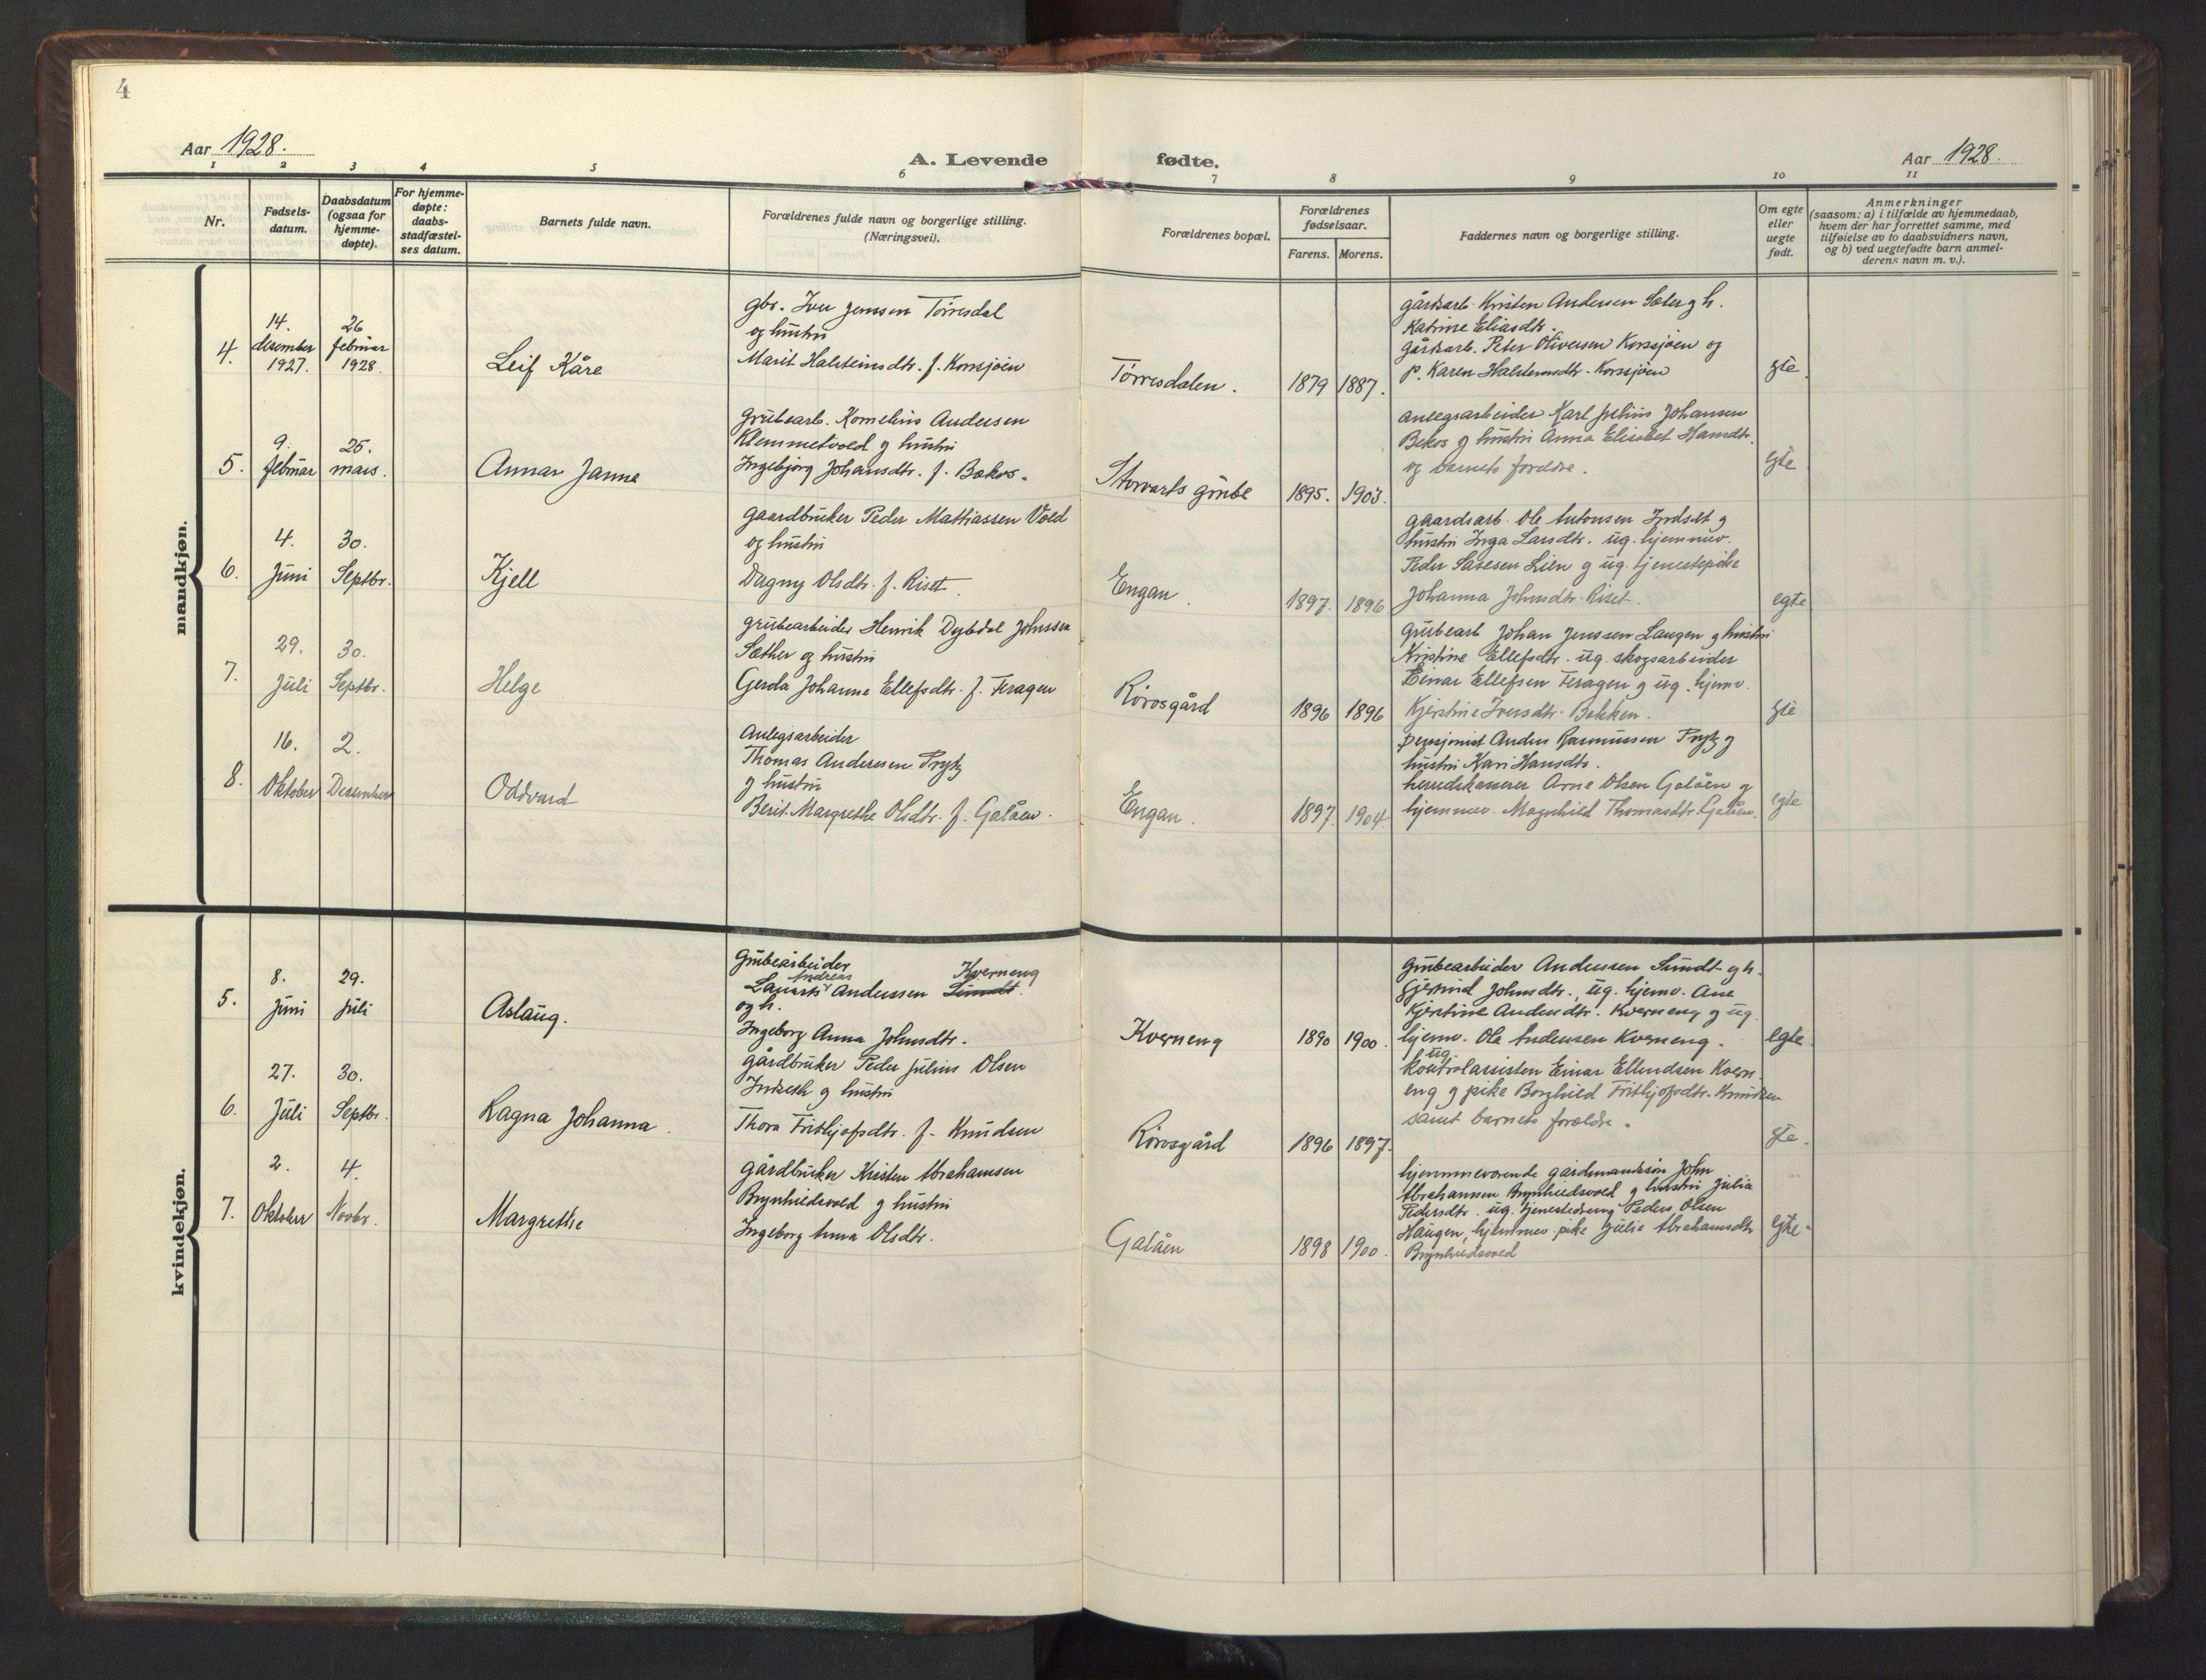 SAT, Ministerialprotokoller, klokkerbøker og fødselsregistre - Sør-Trøndelag, 681/L0944: Klokkerbok nr. 681C08, 1926-1954, s. 4